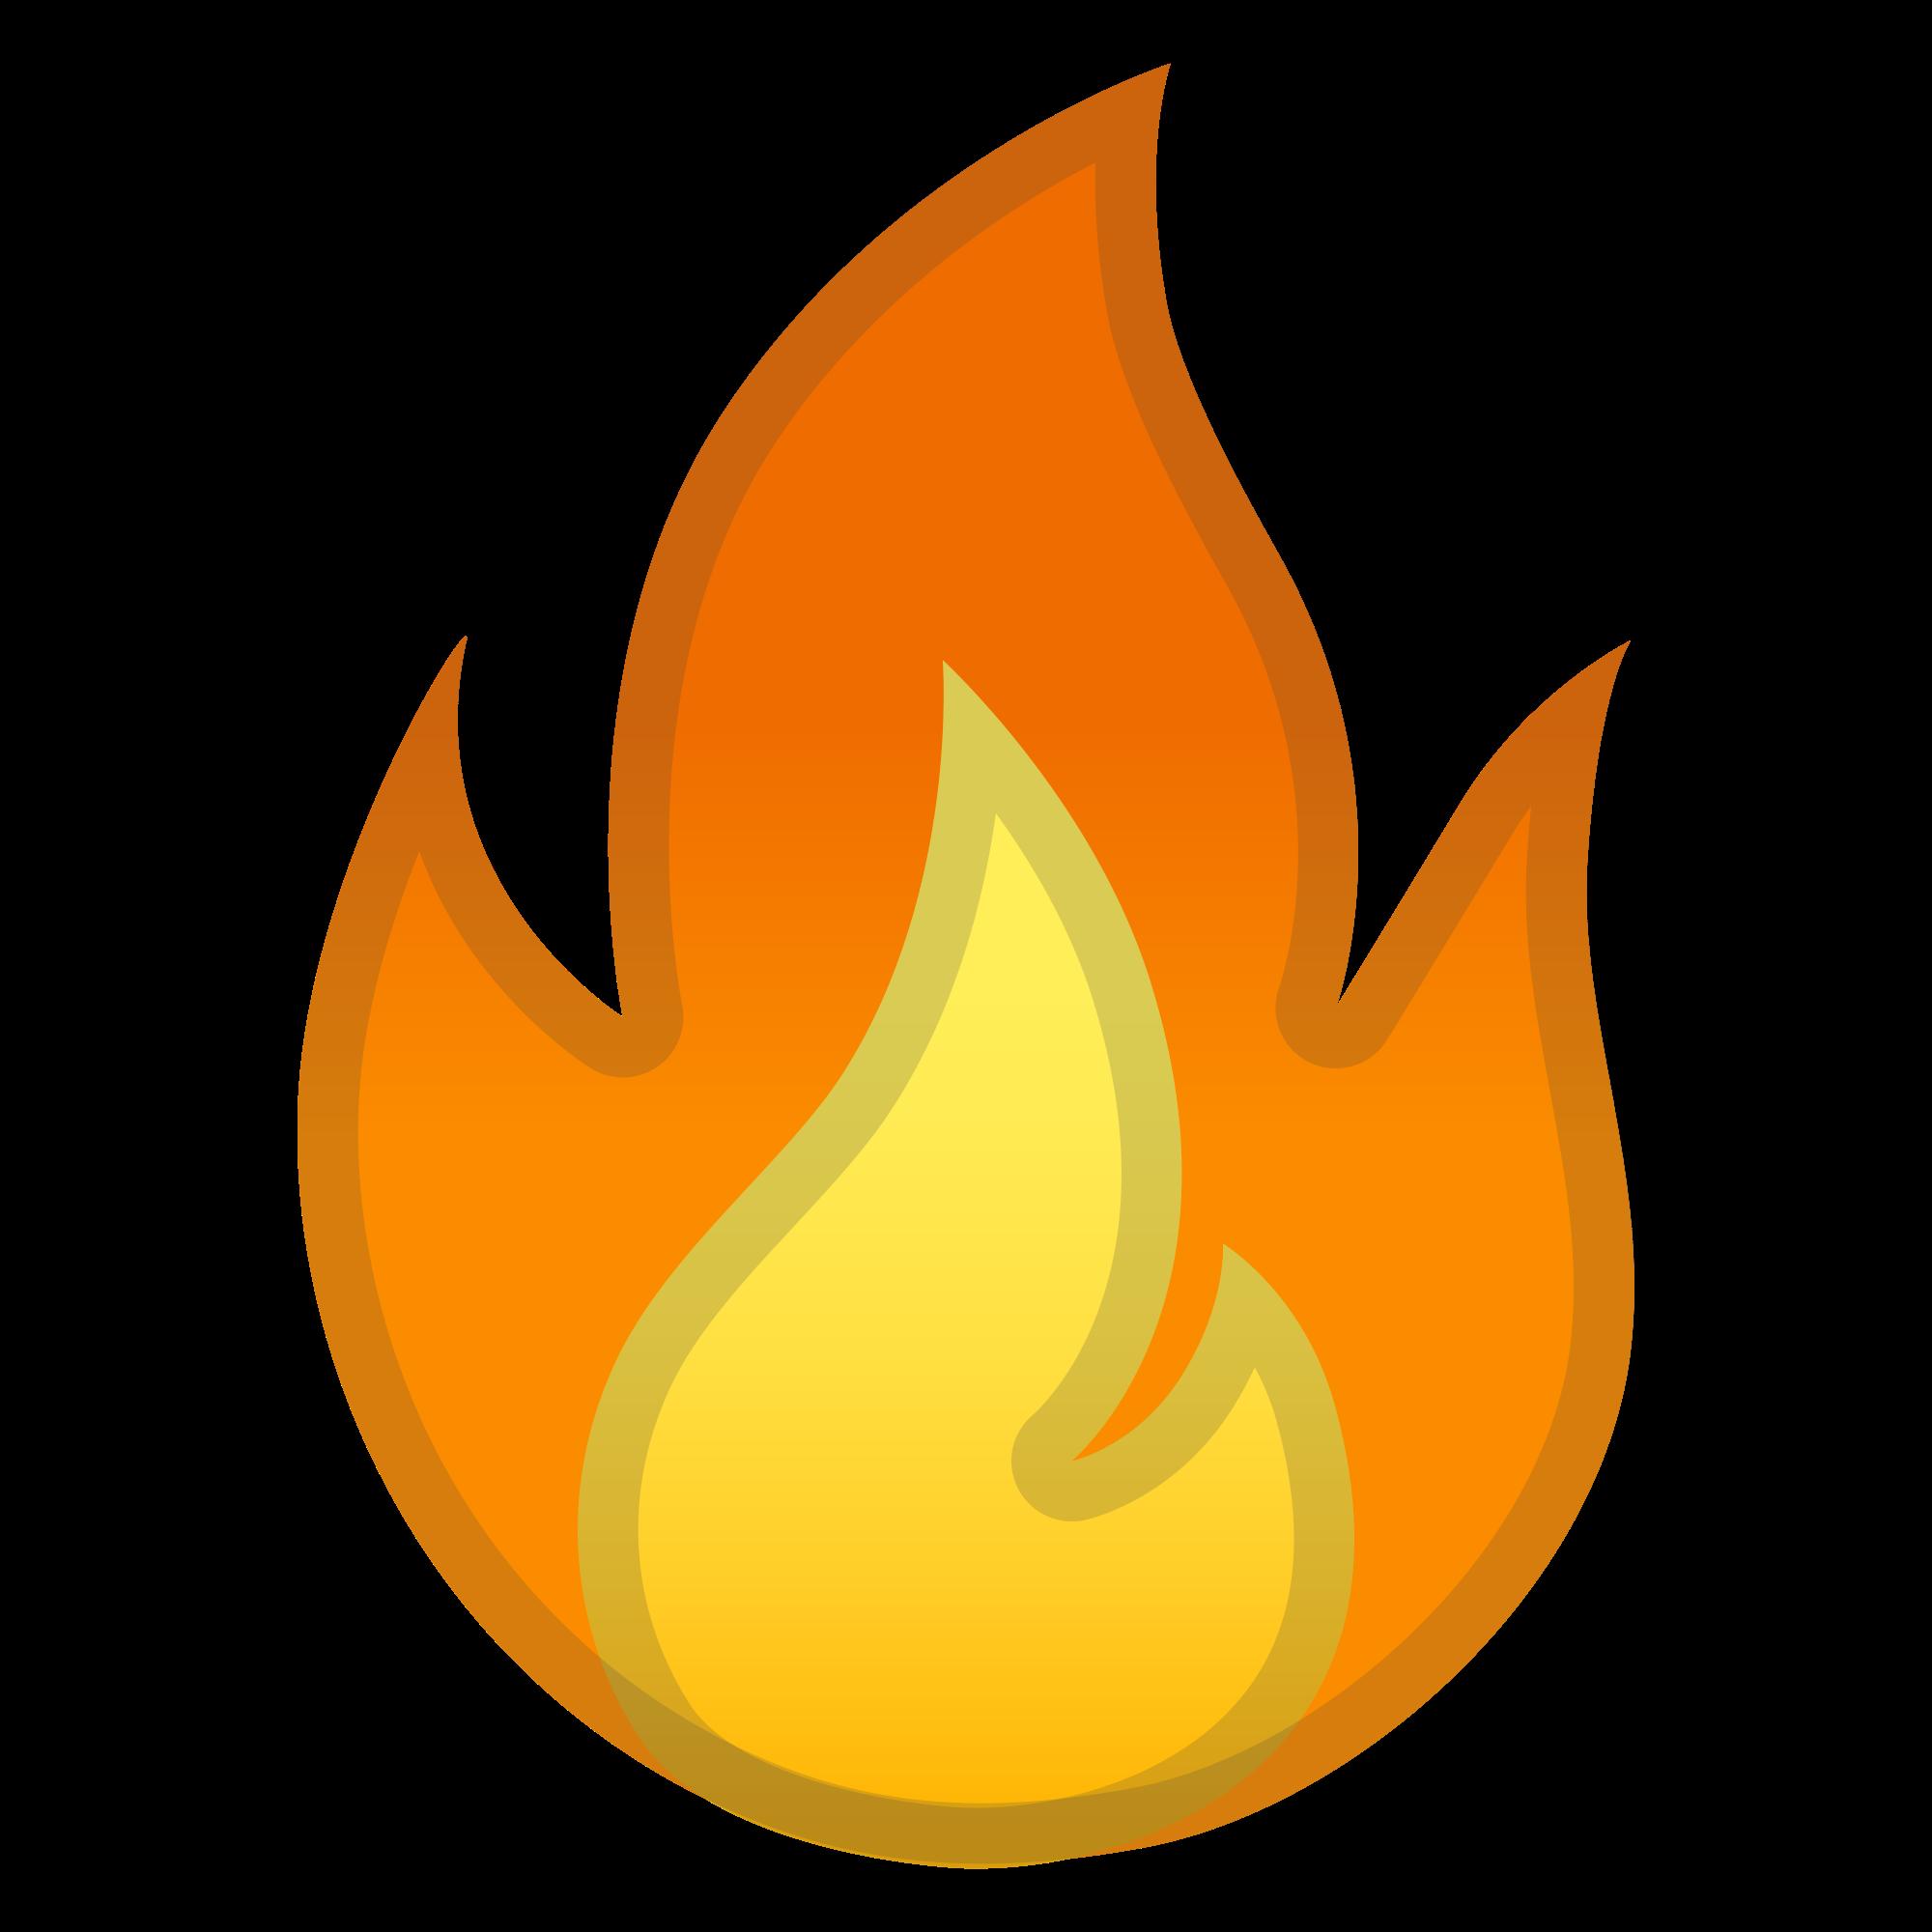 Oreo clipart symbol. File noto emoji f